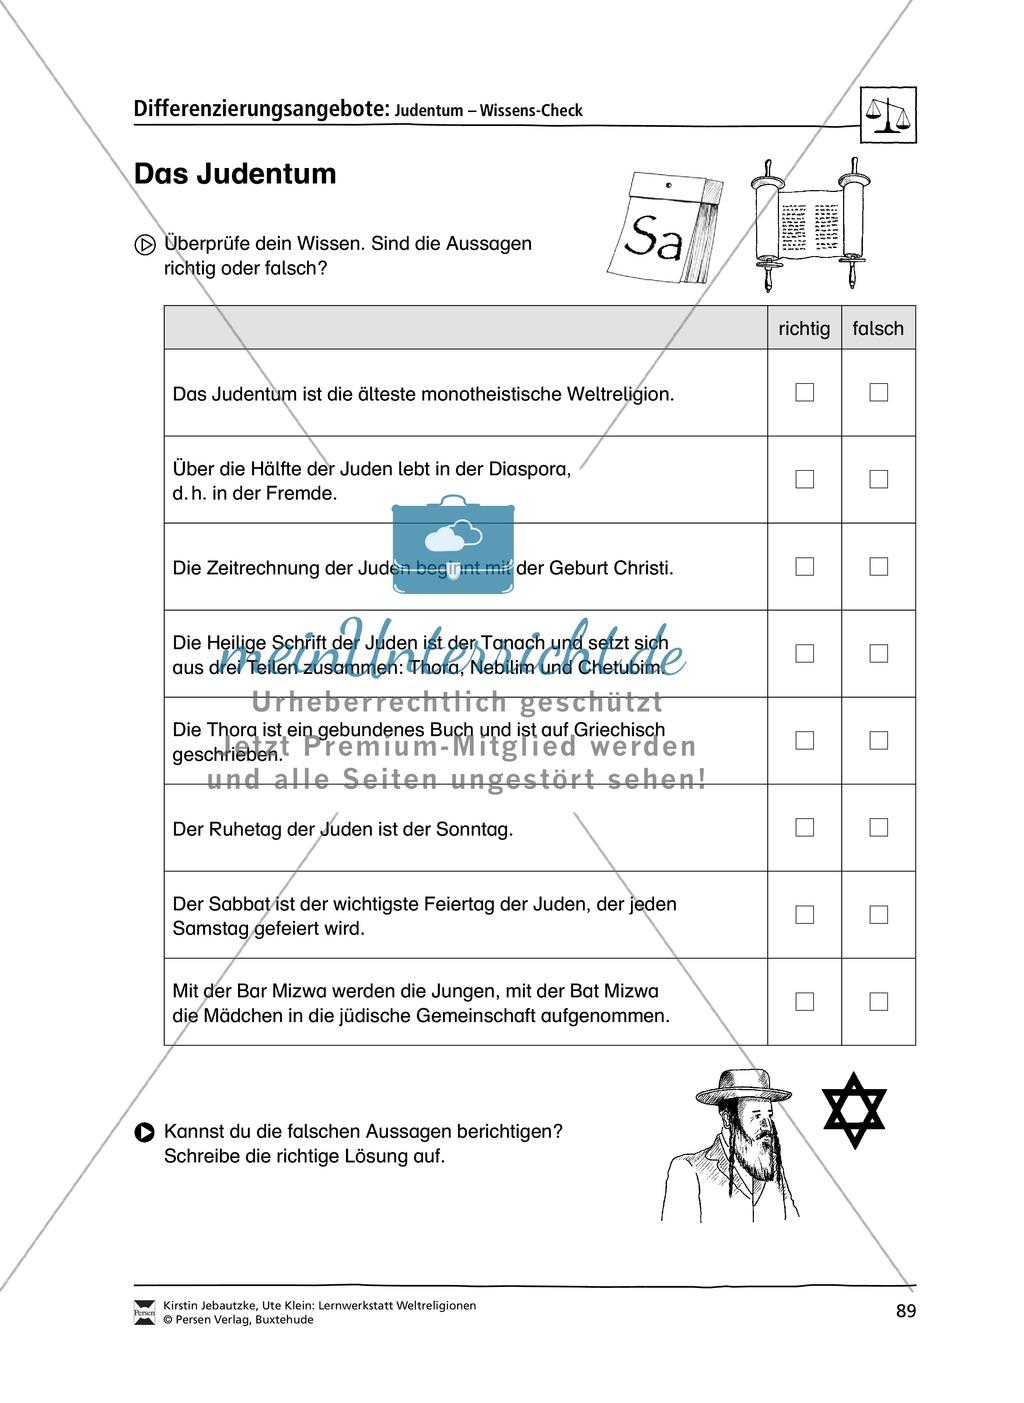 Lernwerkstatt zu den Weltreligionen Judentum, Christentum und Islam Preview 4